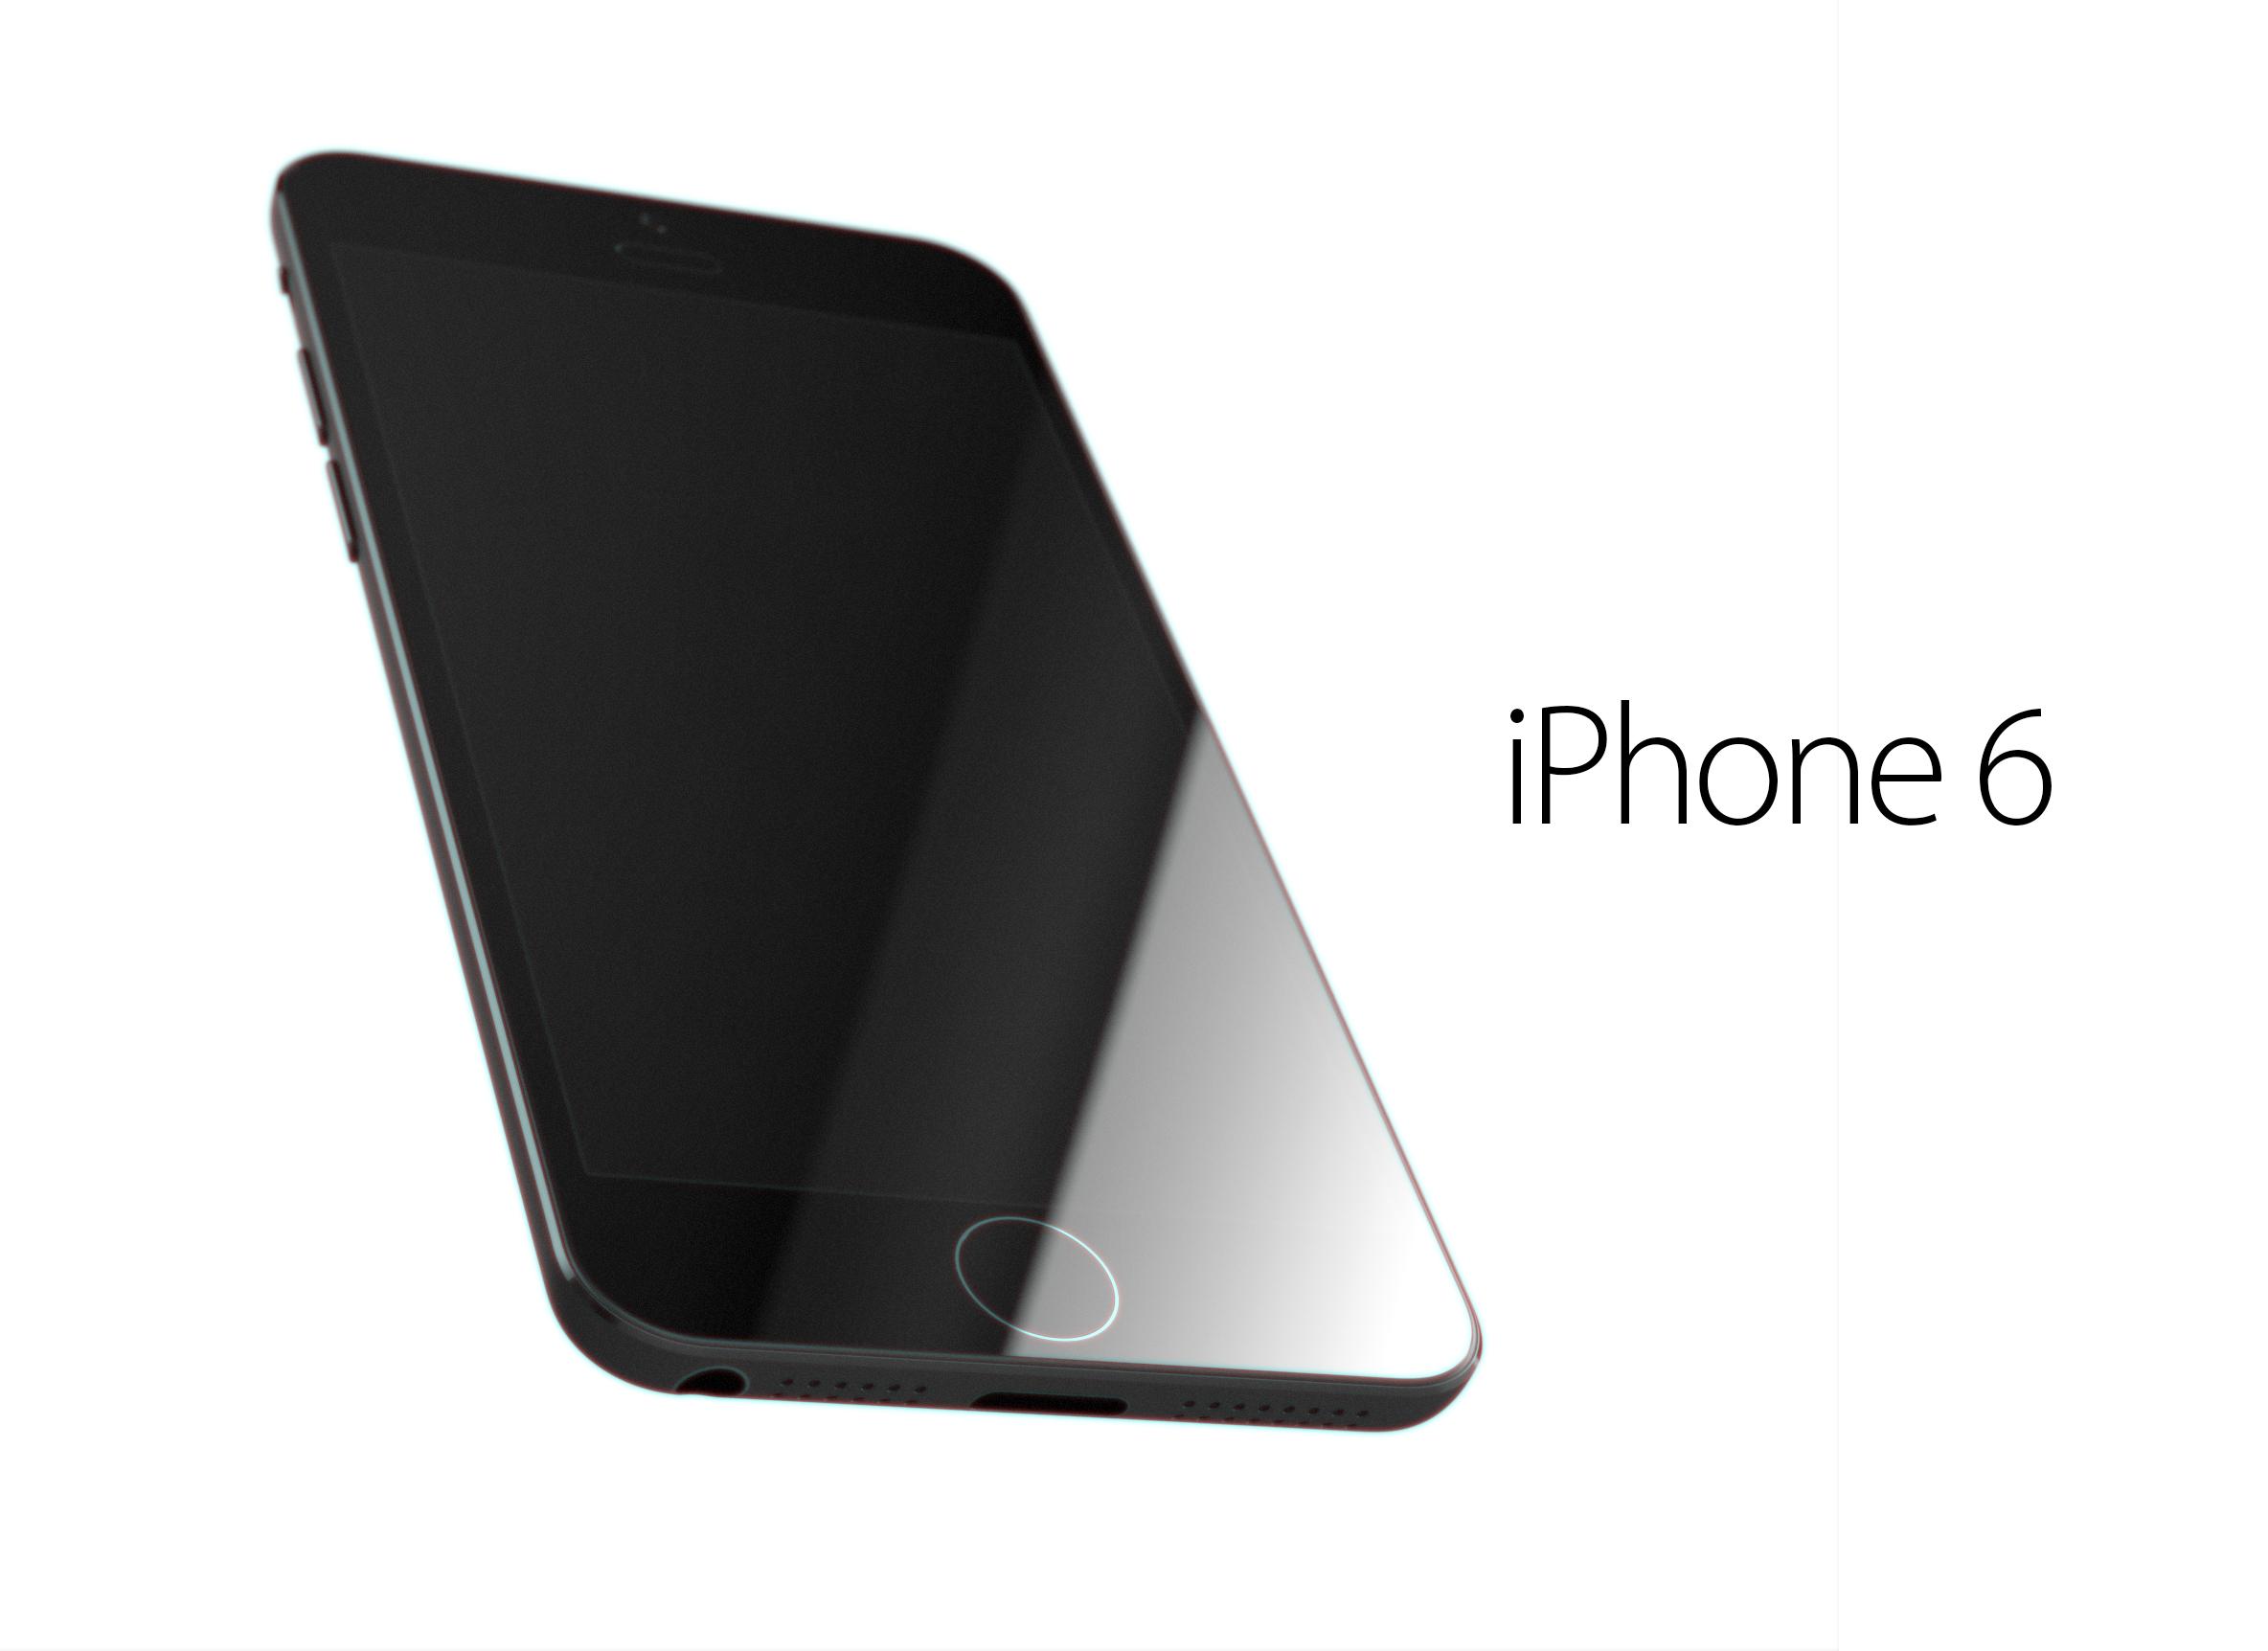 iphone-6-poluchit-skaner-touch-id-vtorogo-pokoleniya